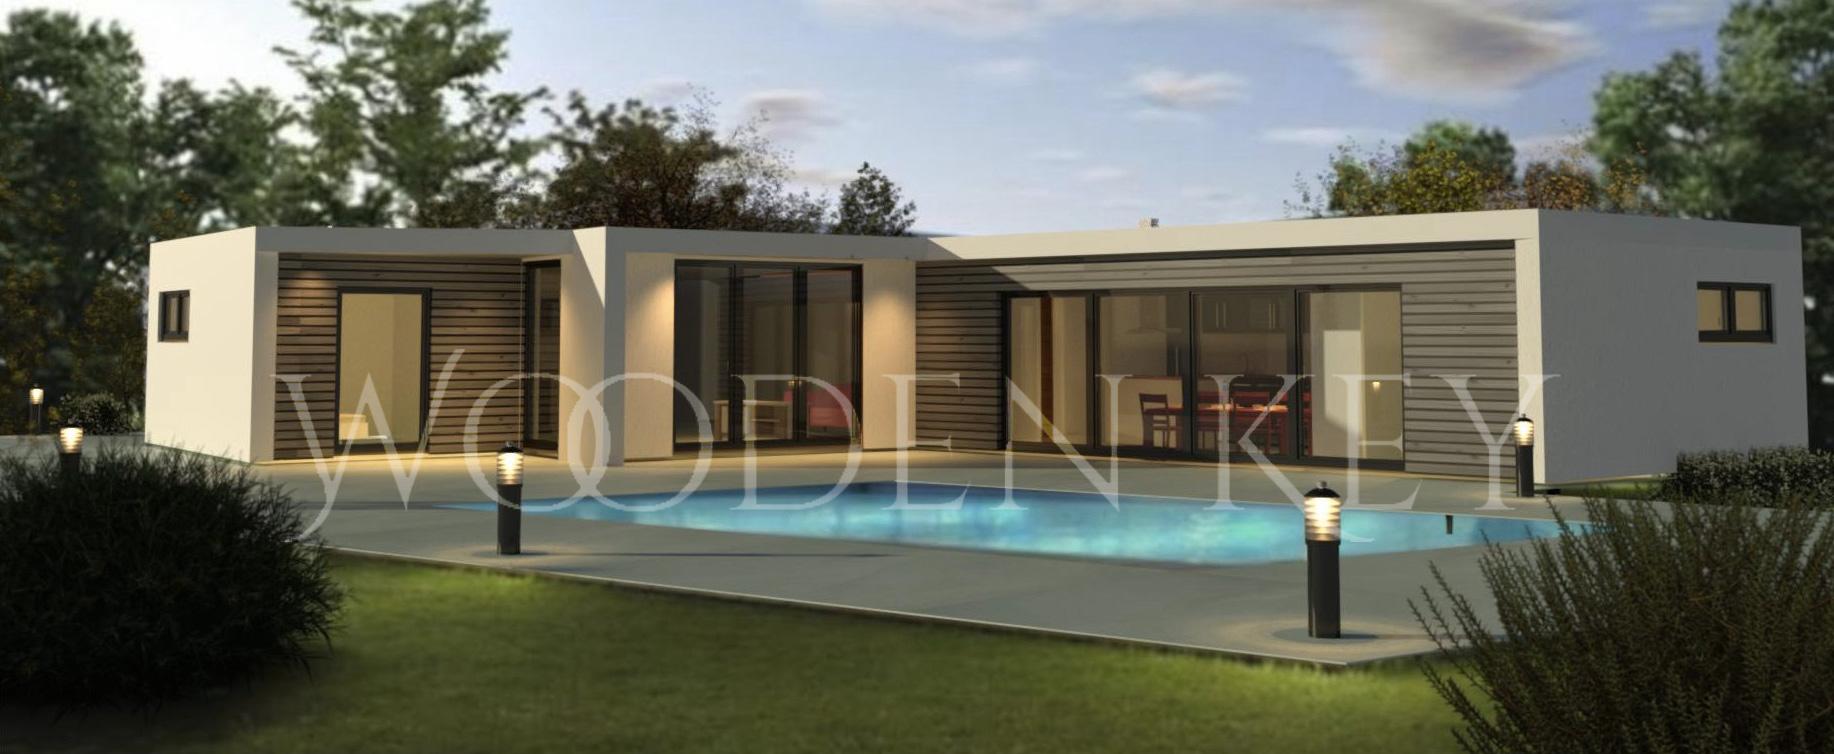 Maison fidji, réalisé par Wooden Key